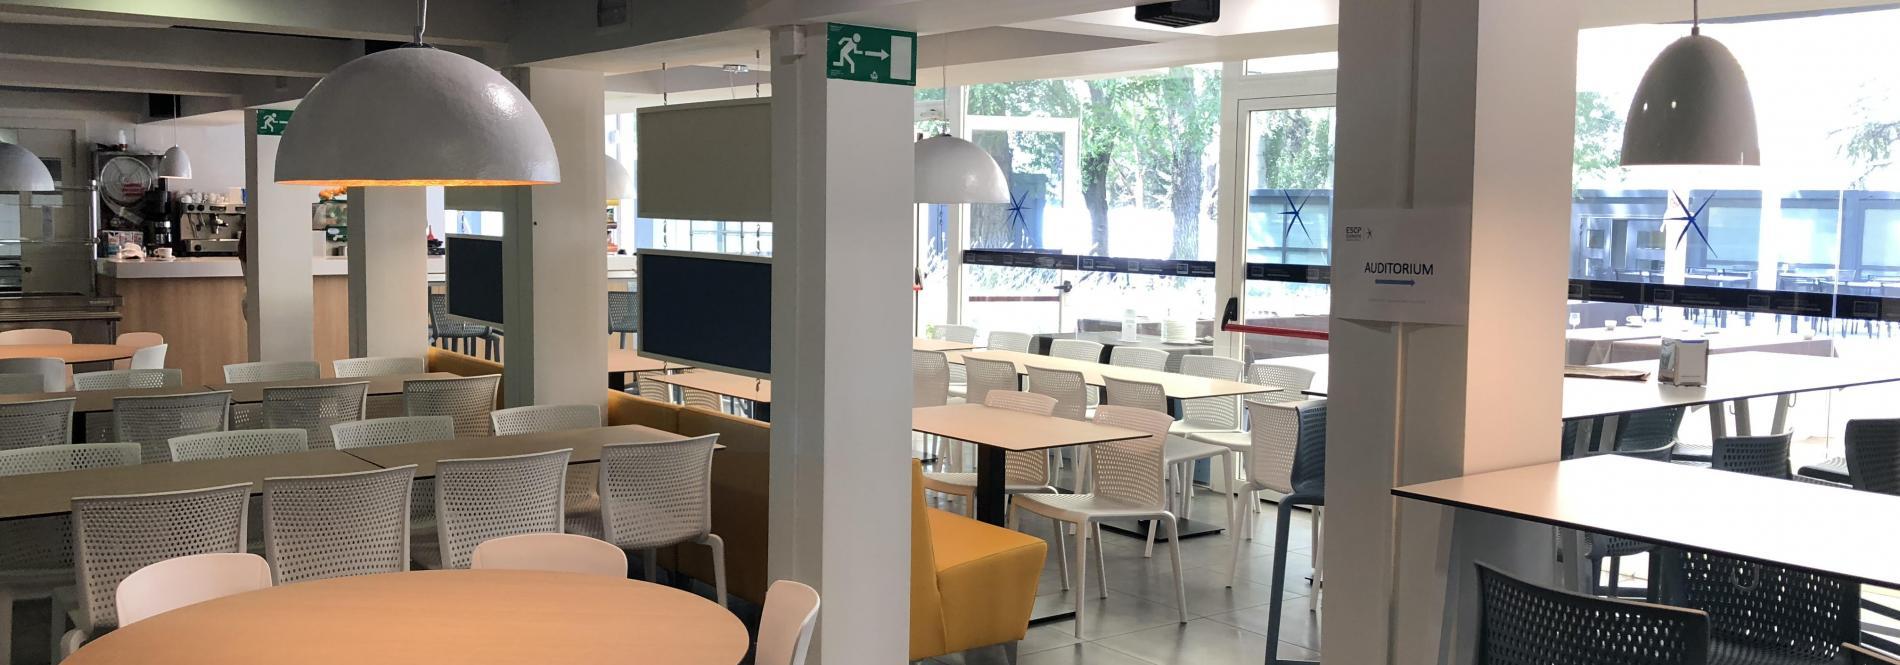 Master Madrid Student Room